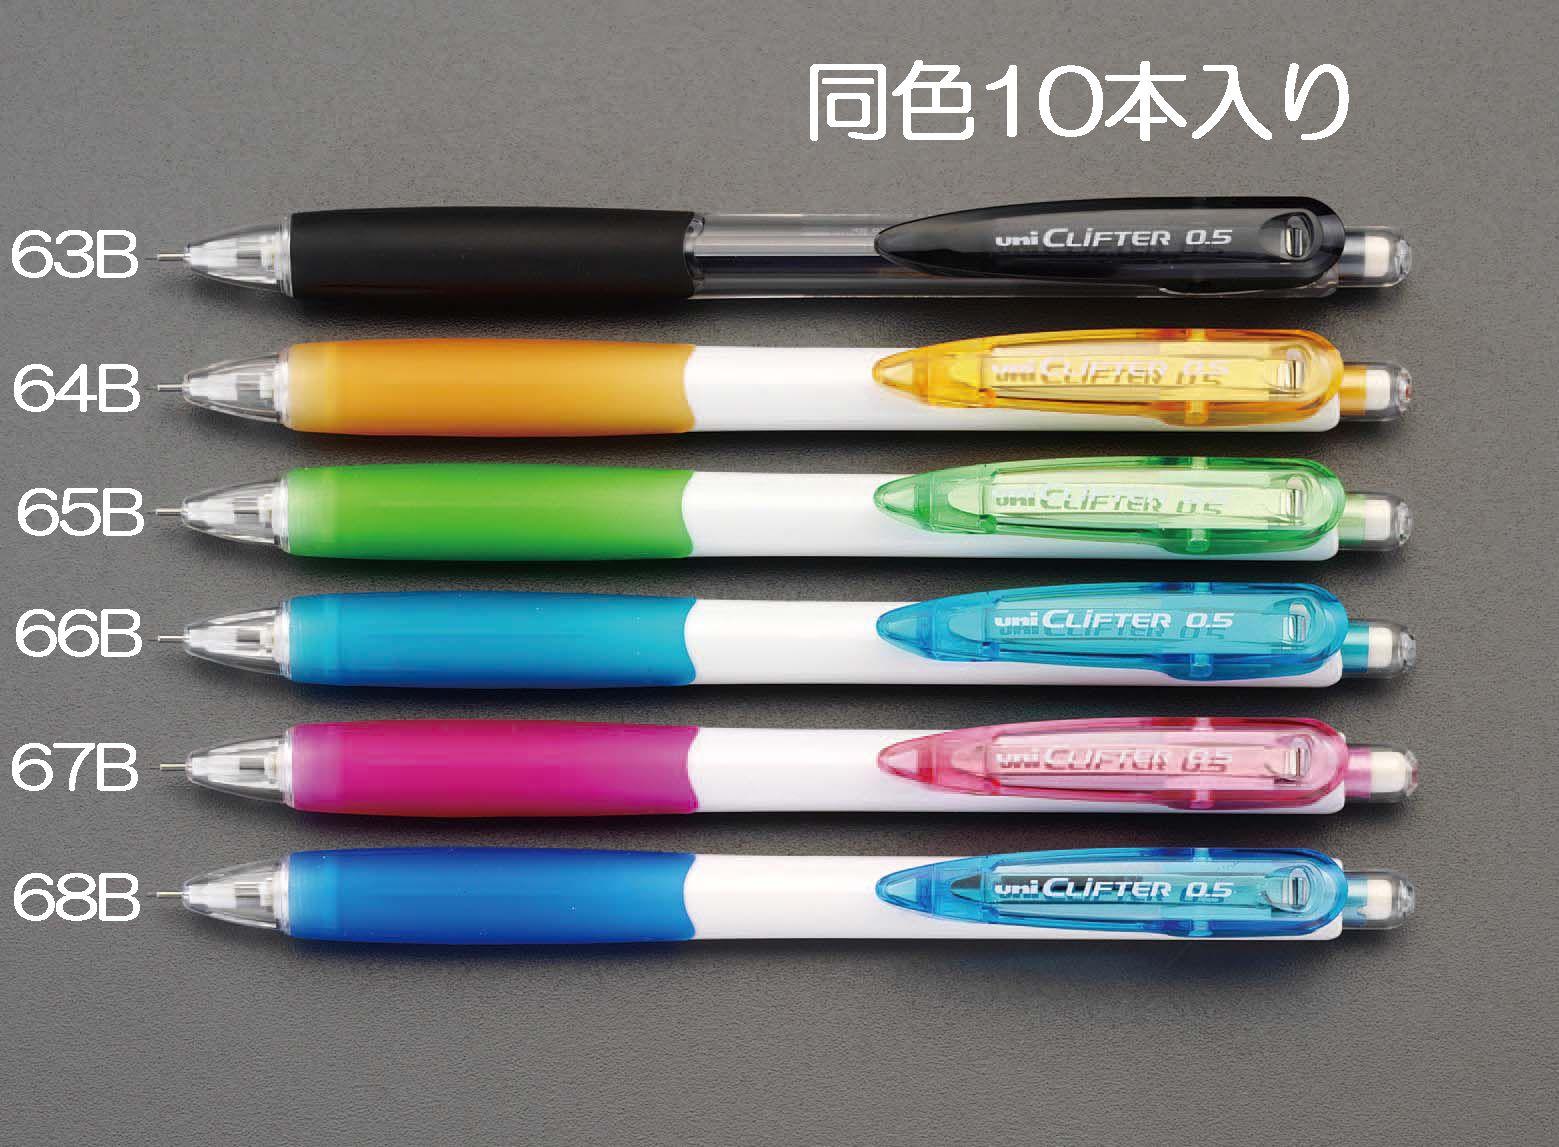 メーカー在庫あり エスコ ESCO 0.5mm シャープペンシル 新商品 10本 JP 000012239987 水色 1着でも送料無料